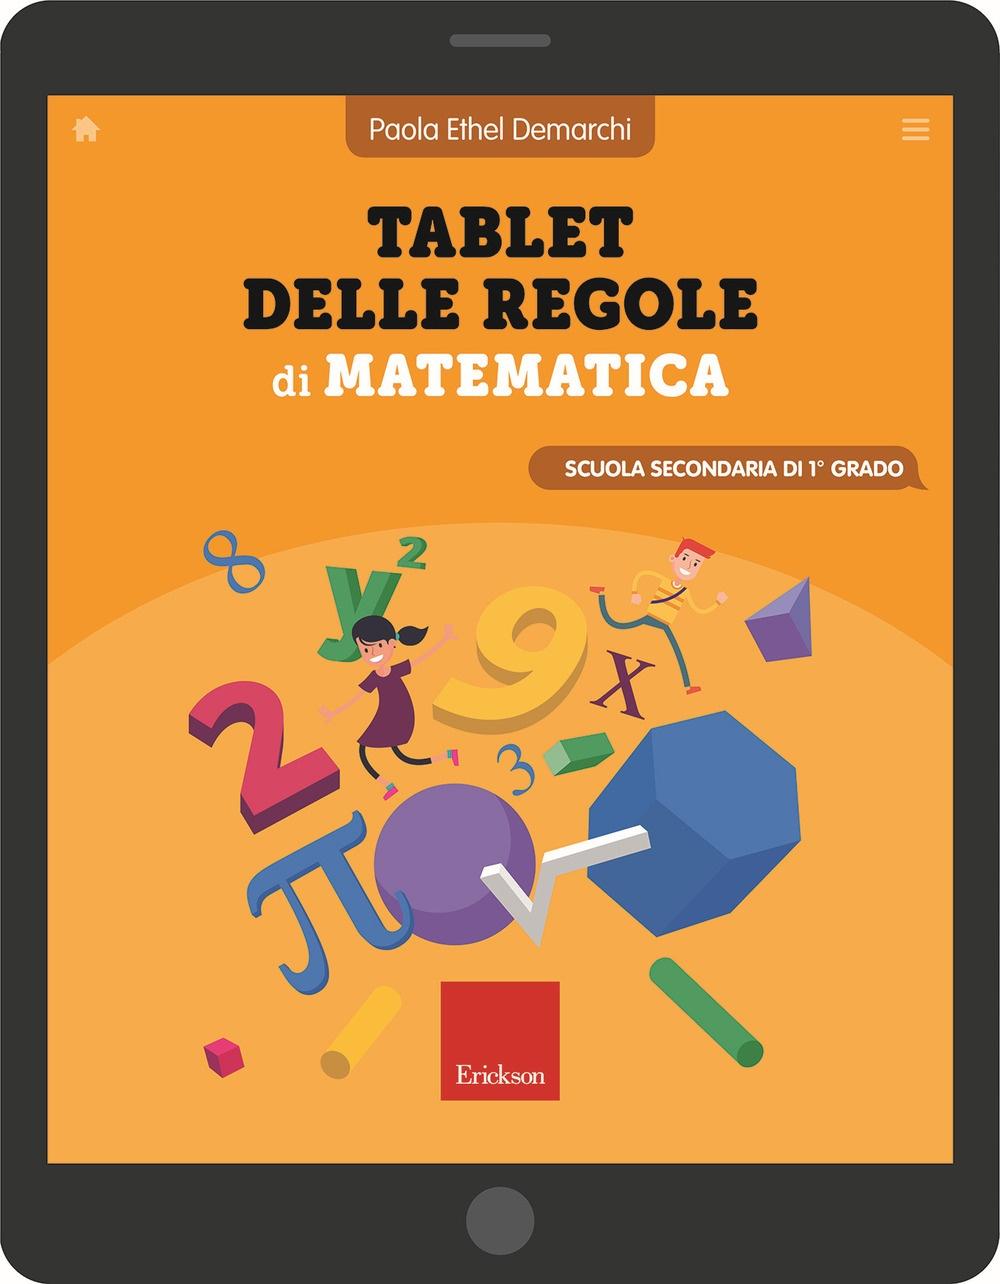 Tablet delle regole di matematica. Scuola secondaria di primo grado